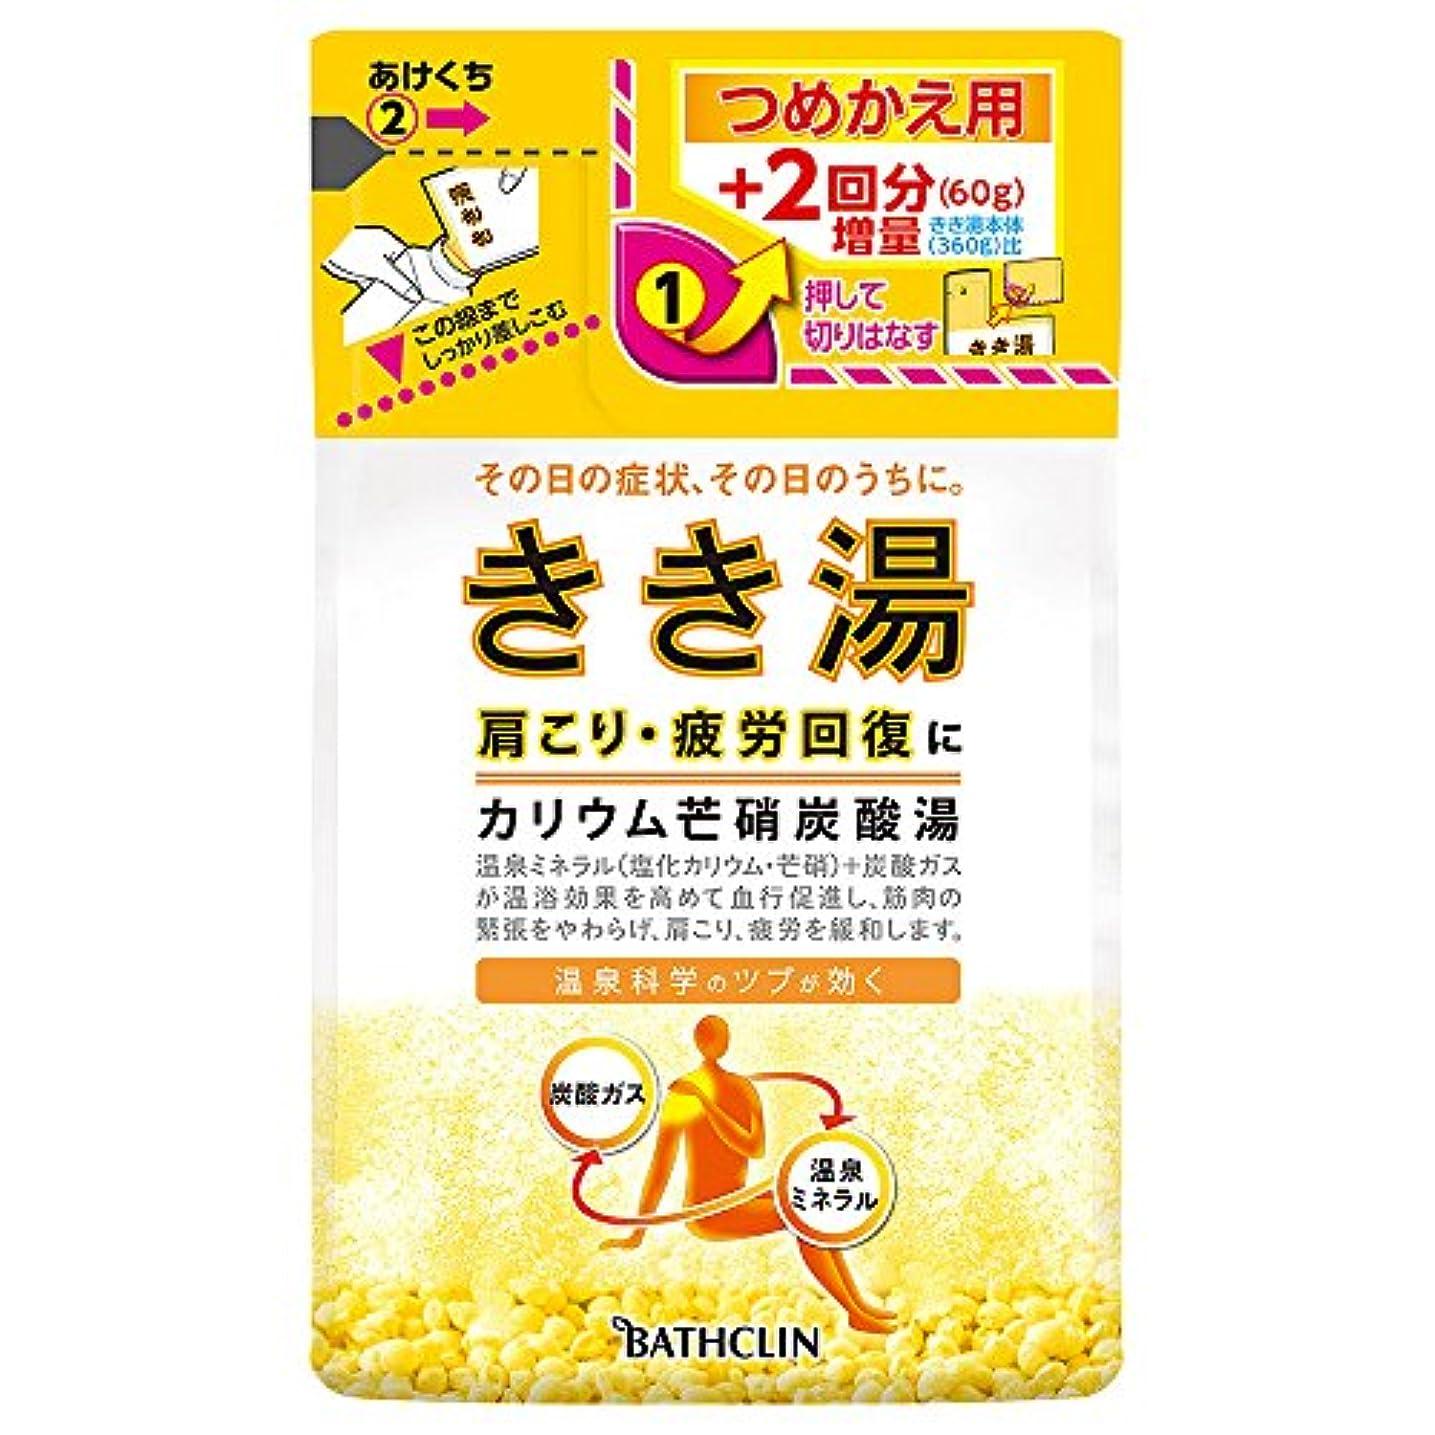 ダッシュ変更可能ふけるきき湯 カリウム芒硝炭酸湯 つめかえ用 420g 入浴剤 (医薬部外品)